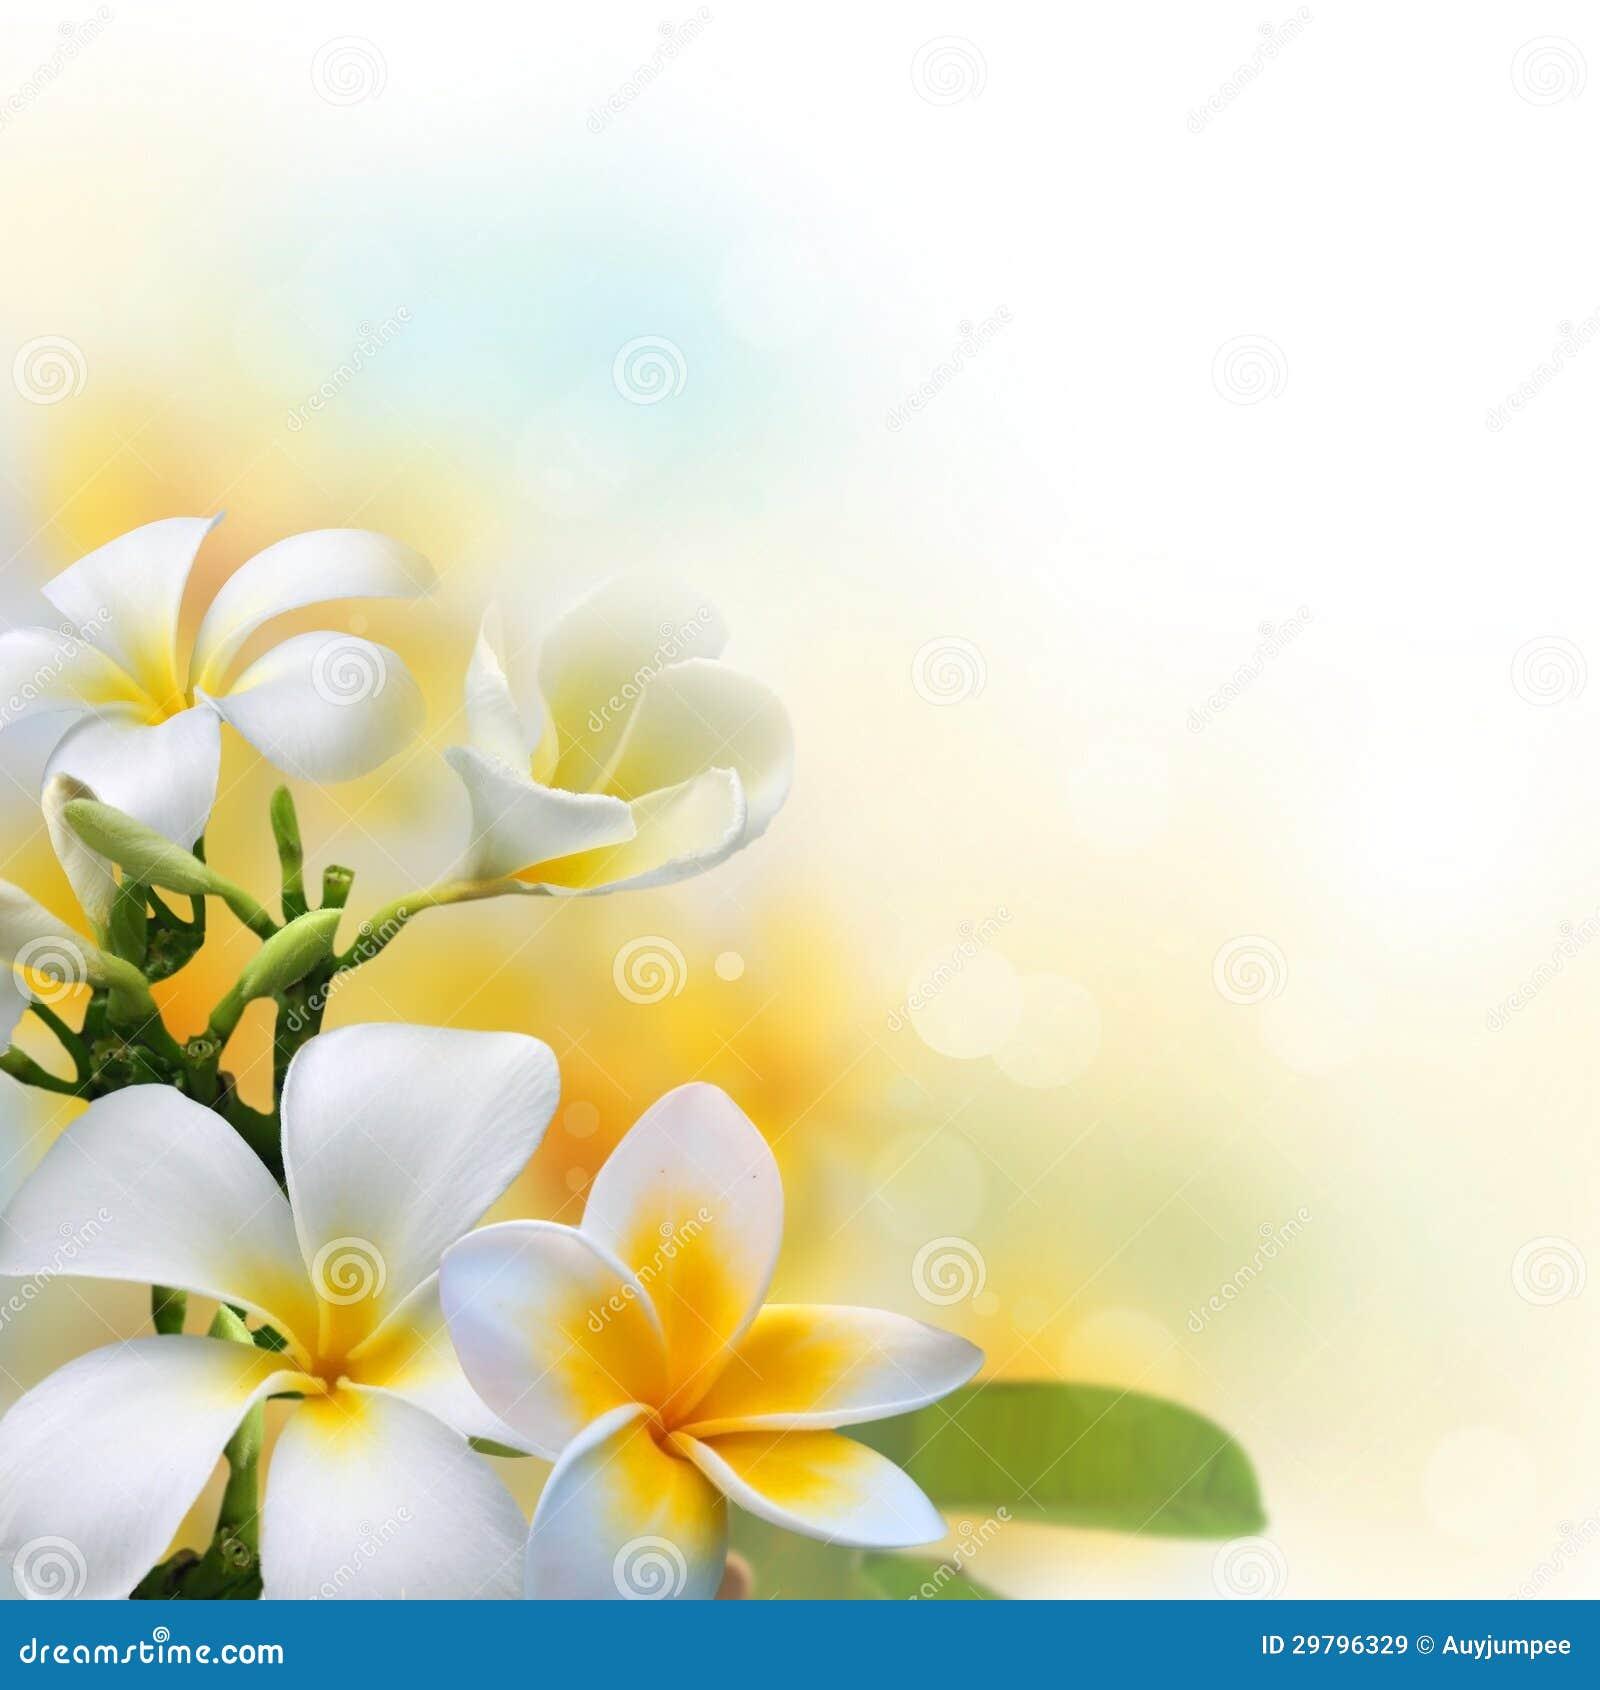 Frangipani Flowers On Sunshine Morning Background Stock